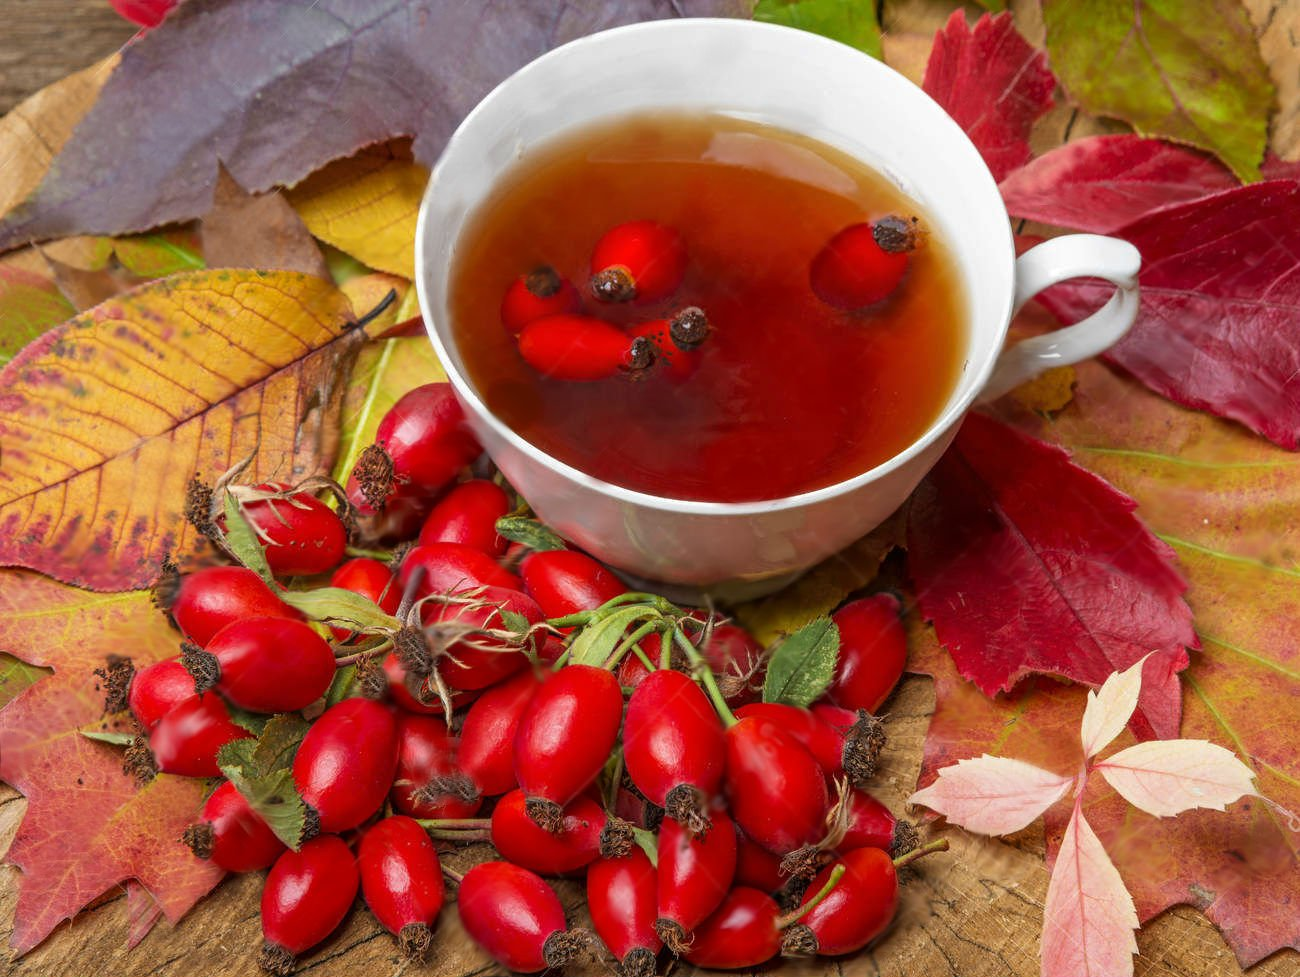 Доктора советуют употреблять чай из шиповника